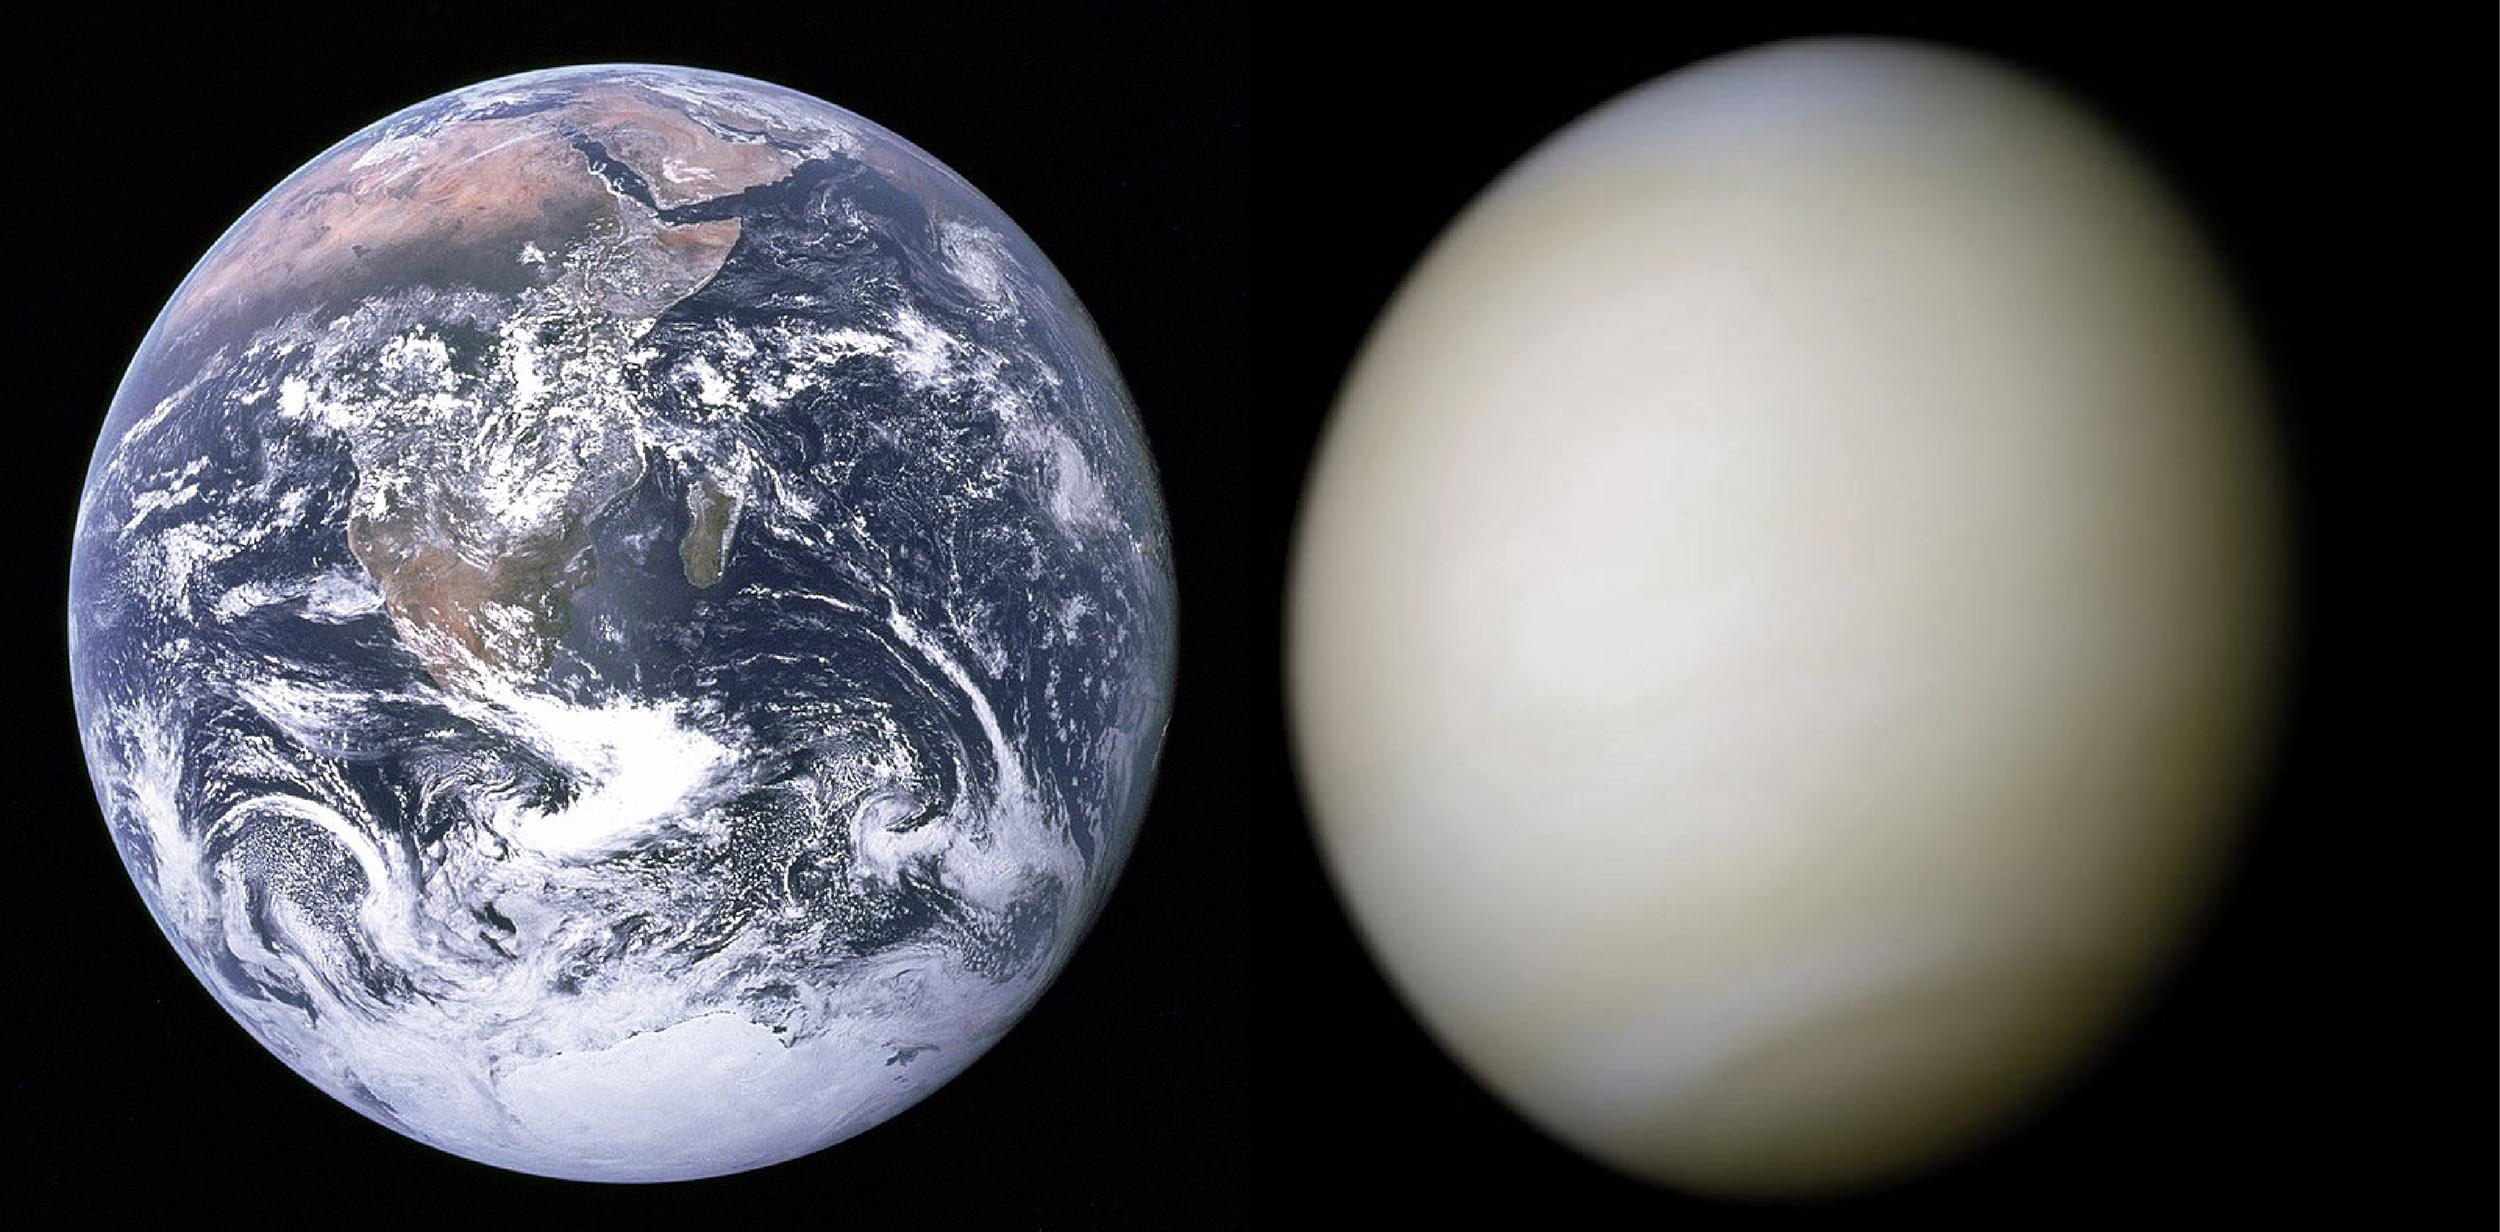 (左圖)地球的雲是白色的,雲的厚度較沒那麼厚。(右圖)金星表面被厚厚的硫酸雲遮蓋,雲的顏色較沒那麼白。 圖片來源│NASA(地球)、NASA(金星)